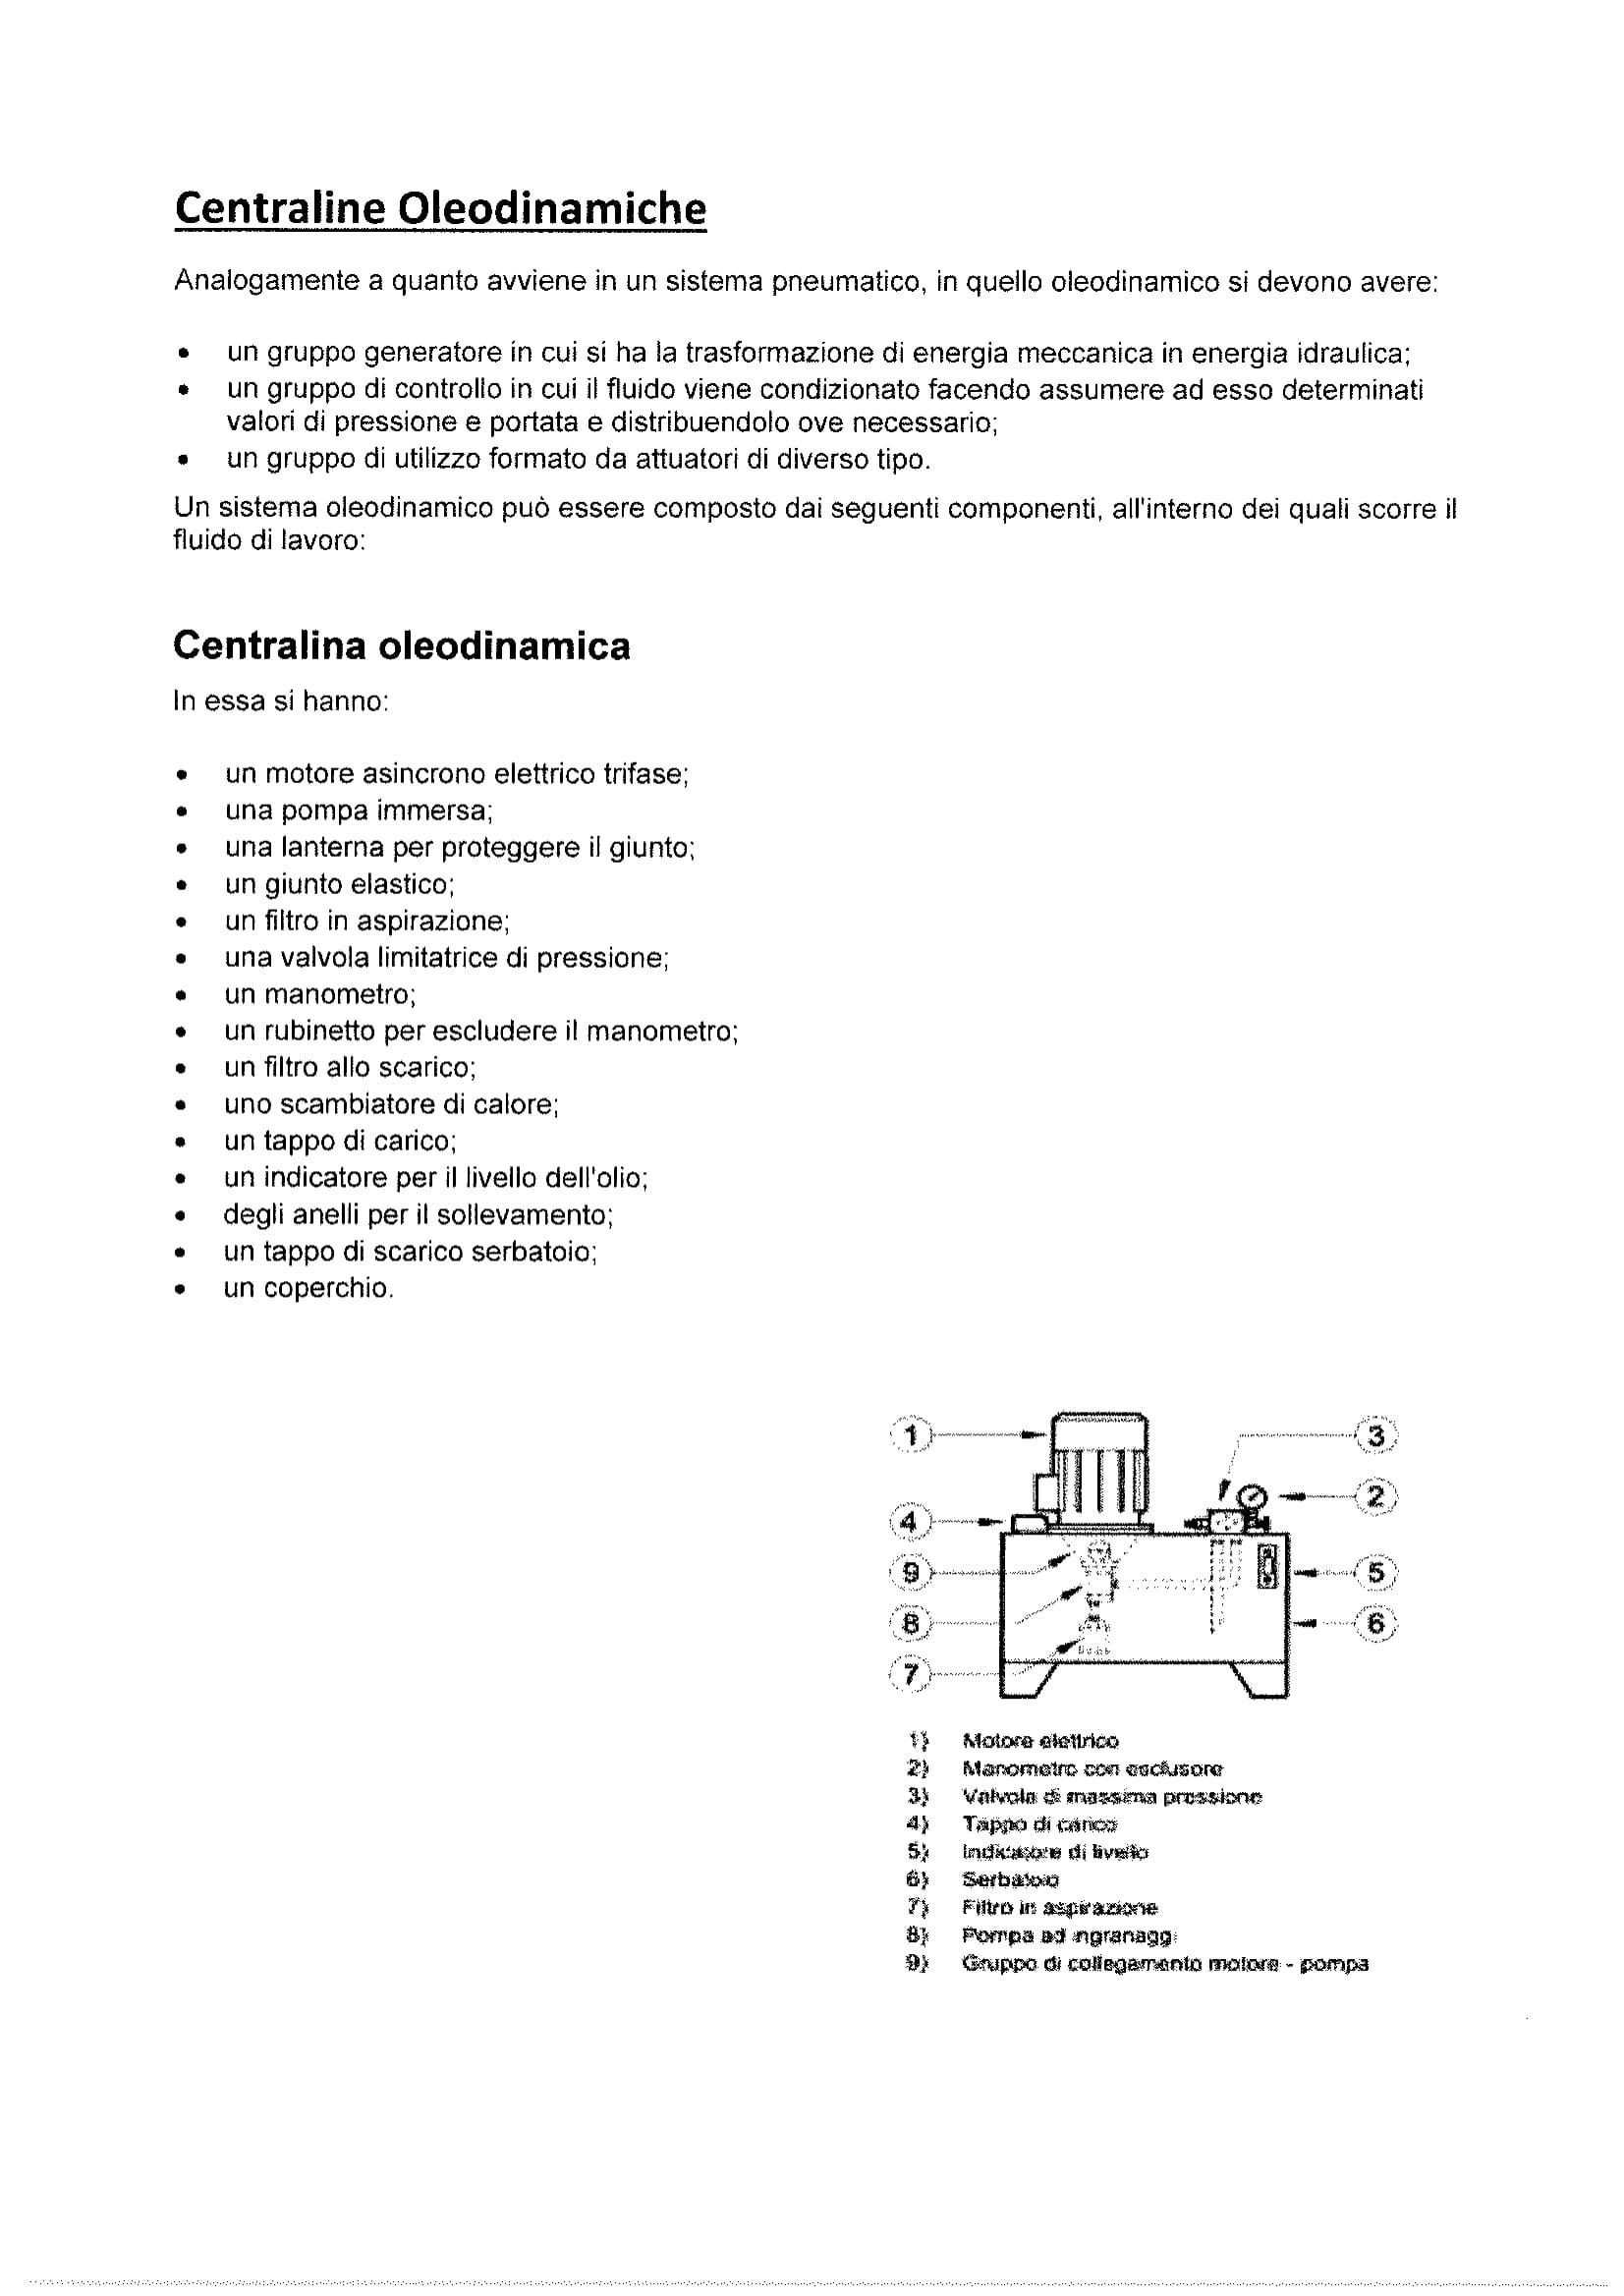 Corso di base sull'oleodinamica navale-18